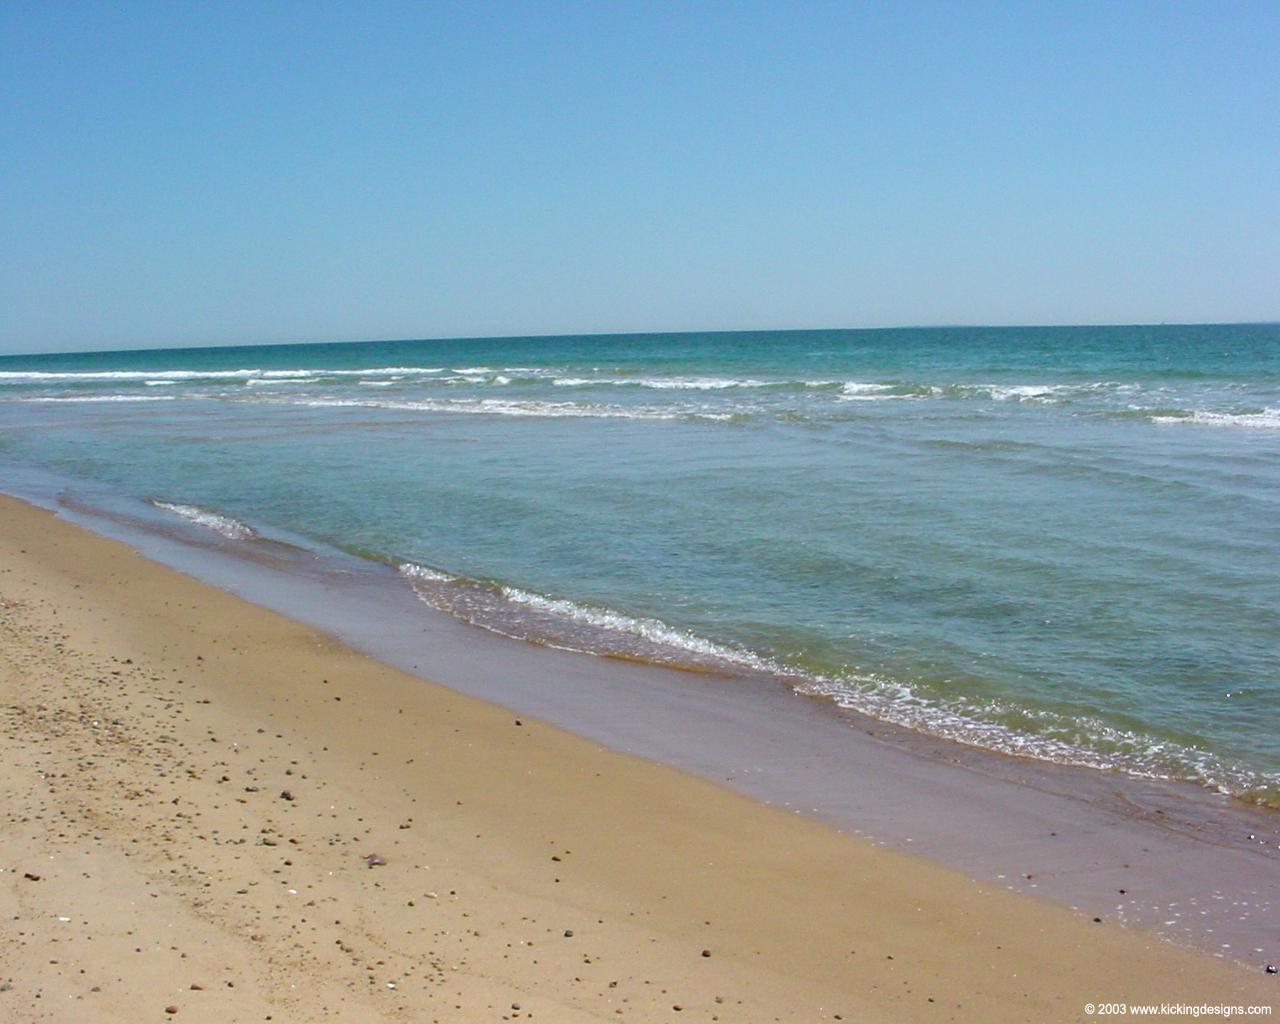 ocean beach photographs desktop wallpaper 1280 x 1024